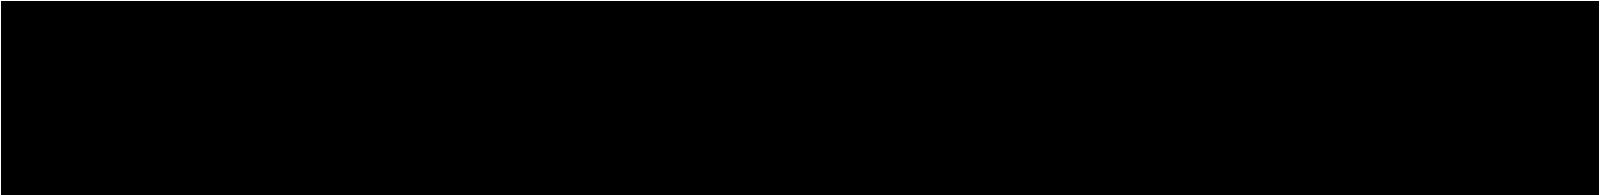 今回、長崎県大村市長・園田裕史氏(以下、園田)と、当社代表取締役社長兼CEO・時津孝康(以下、時)が、同市地域子育て支援センターこども未来館「おむらんど」にて対談を行いました。